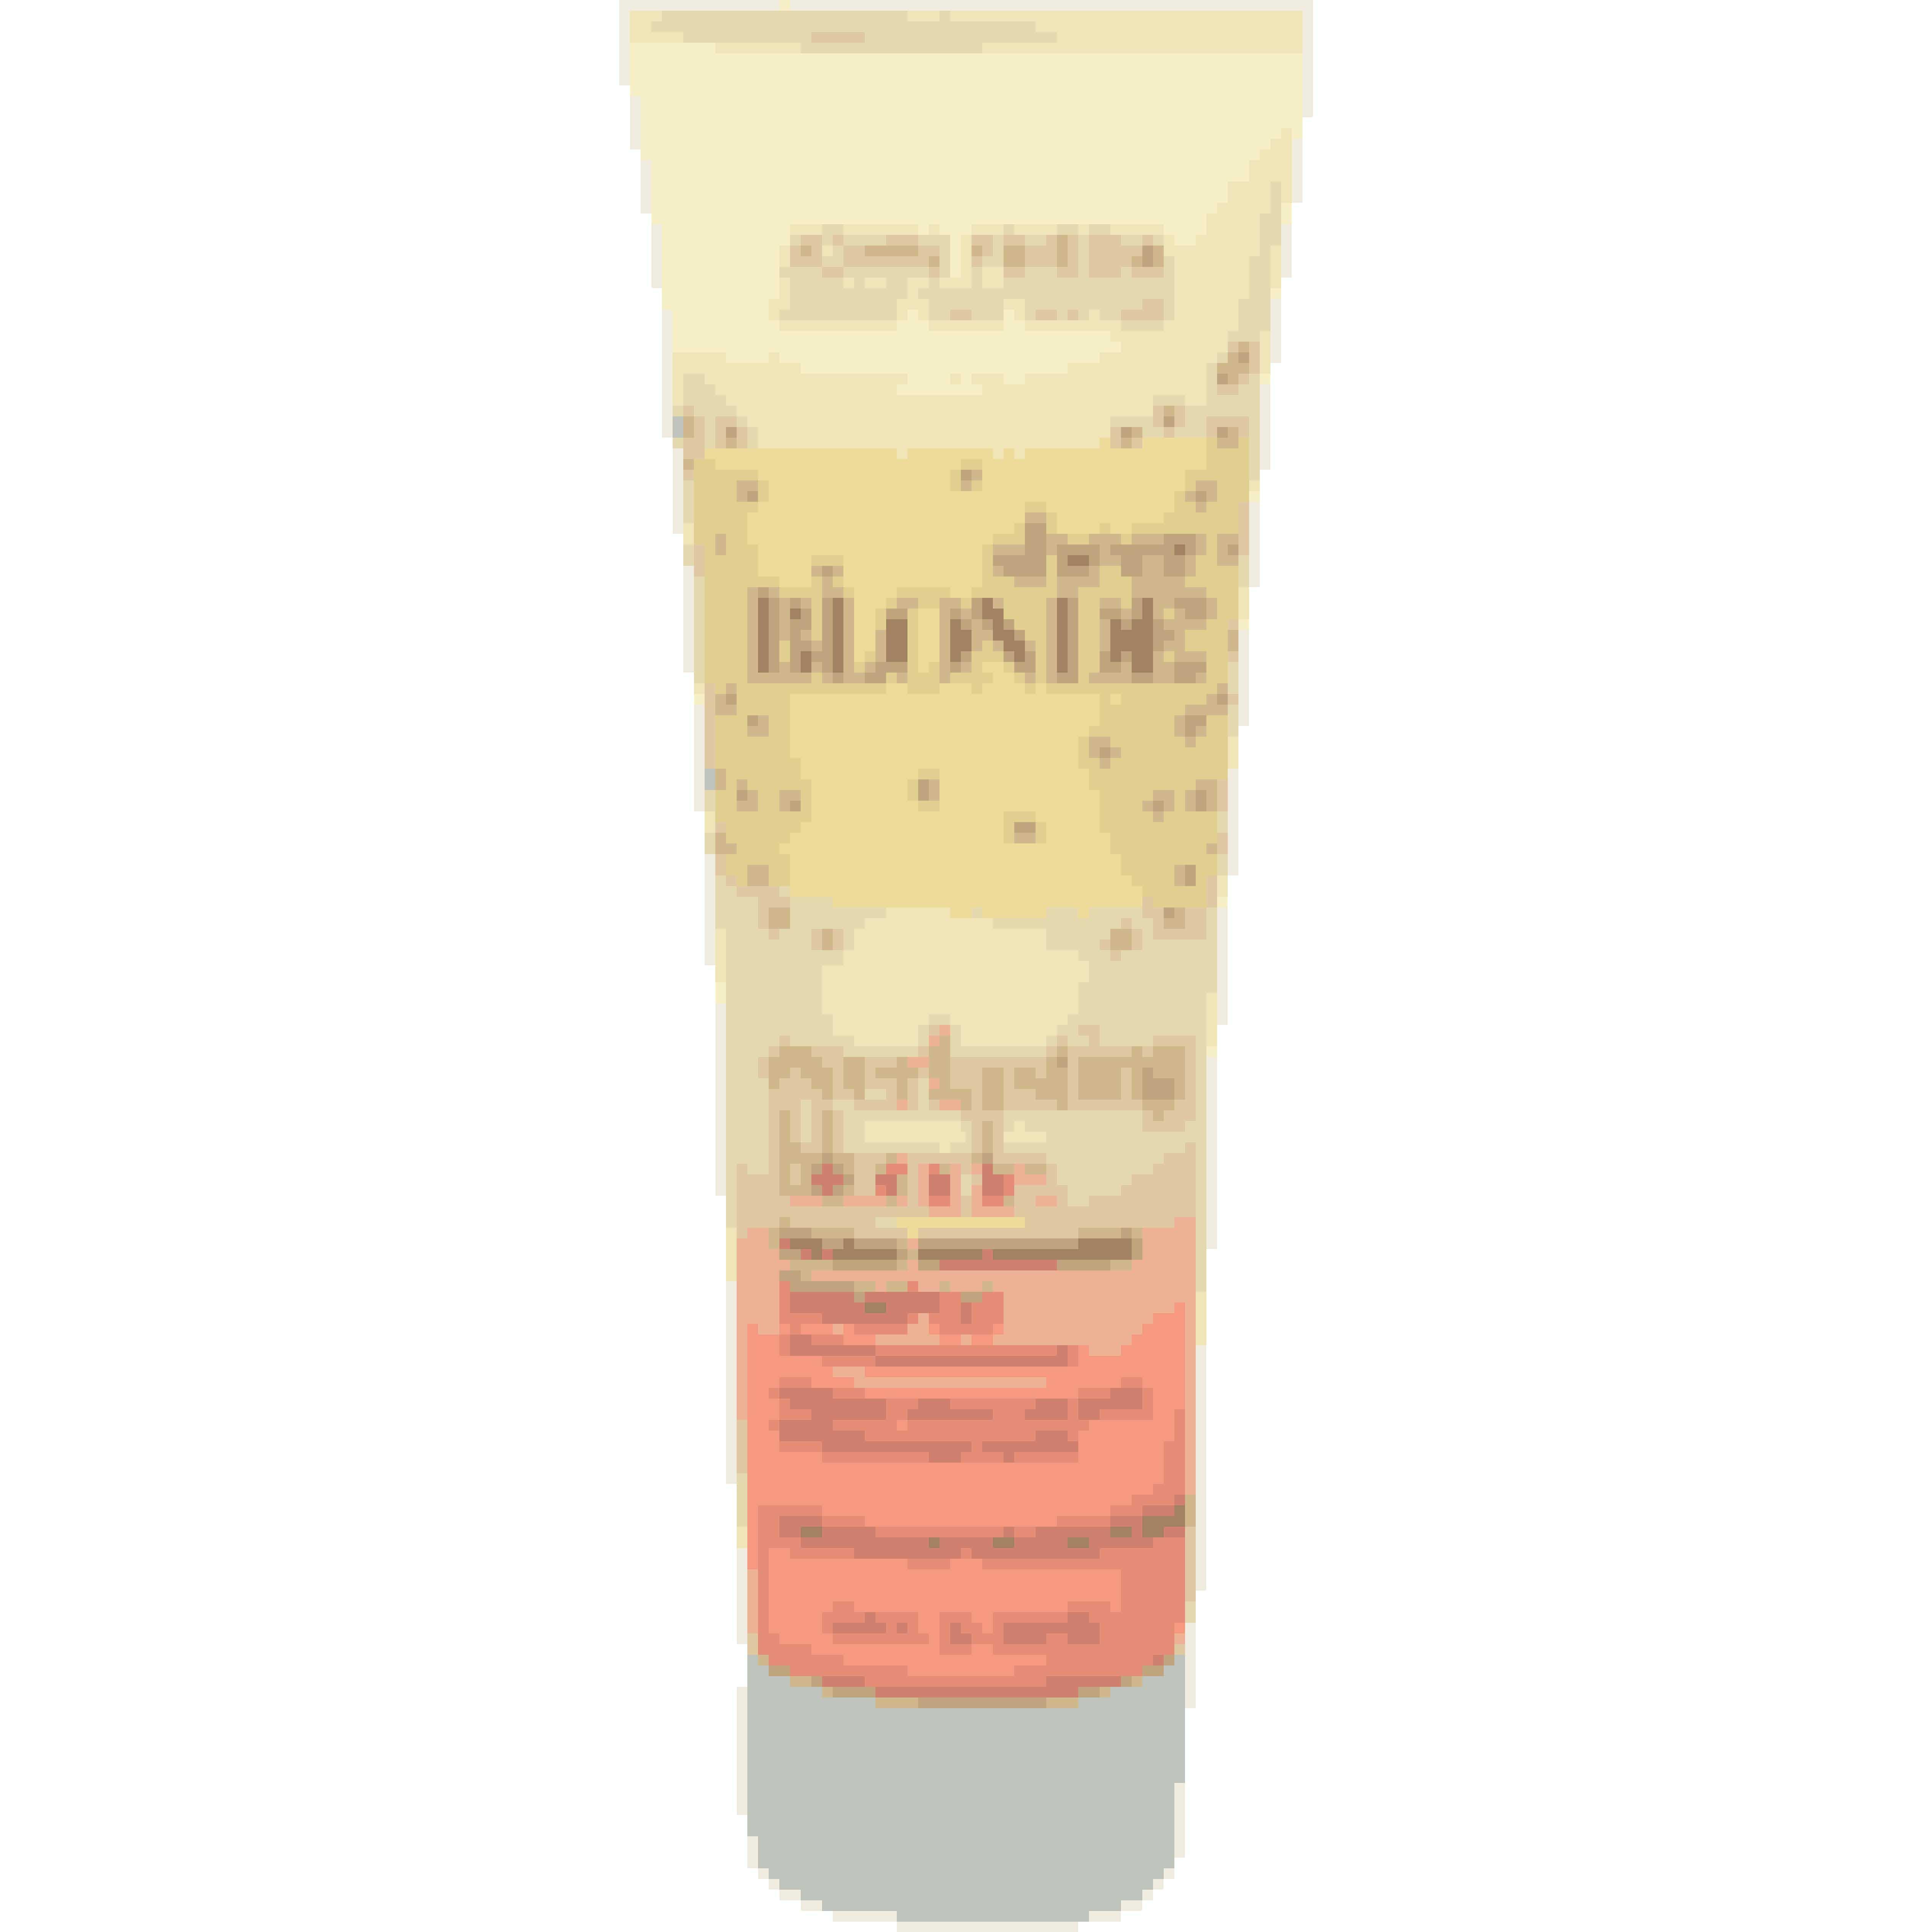 John Frieda, Sheer Blonde, Everlasting Blonde, Colour Preserving Shampoo, 250 ml.Fordele: Den efterlader håret med et lidt lysere skær efter vask, så den holder faktisk, hvad den lover. Man skal ikke lade sig forskrække af den mørklilla farve – det er dét, der gør, at éns blonde garn forbliver blondt.Ulemper: Den er meget tynd i konsistensen og løber ud mellem fingrene, og det ser voldsomt ud i brusekabinen med lilla pletter over det hele.Bonus: Håret føles rent og fint efter brug og er nemt at sætte.Afgørelse:3 ud af 6 Q'er.